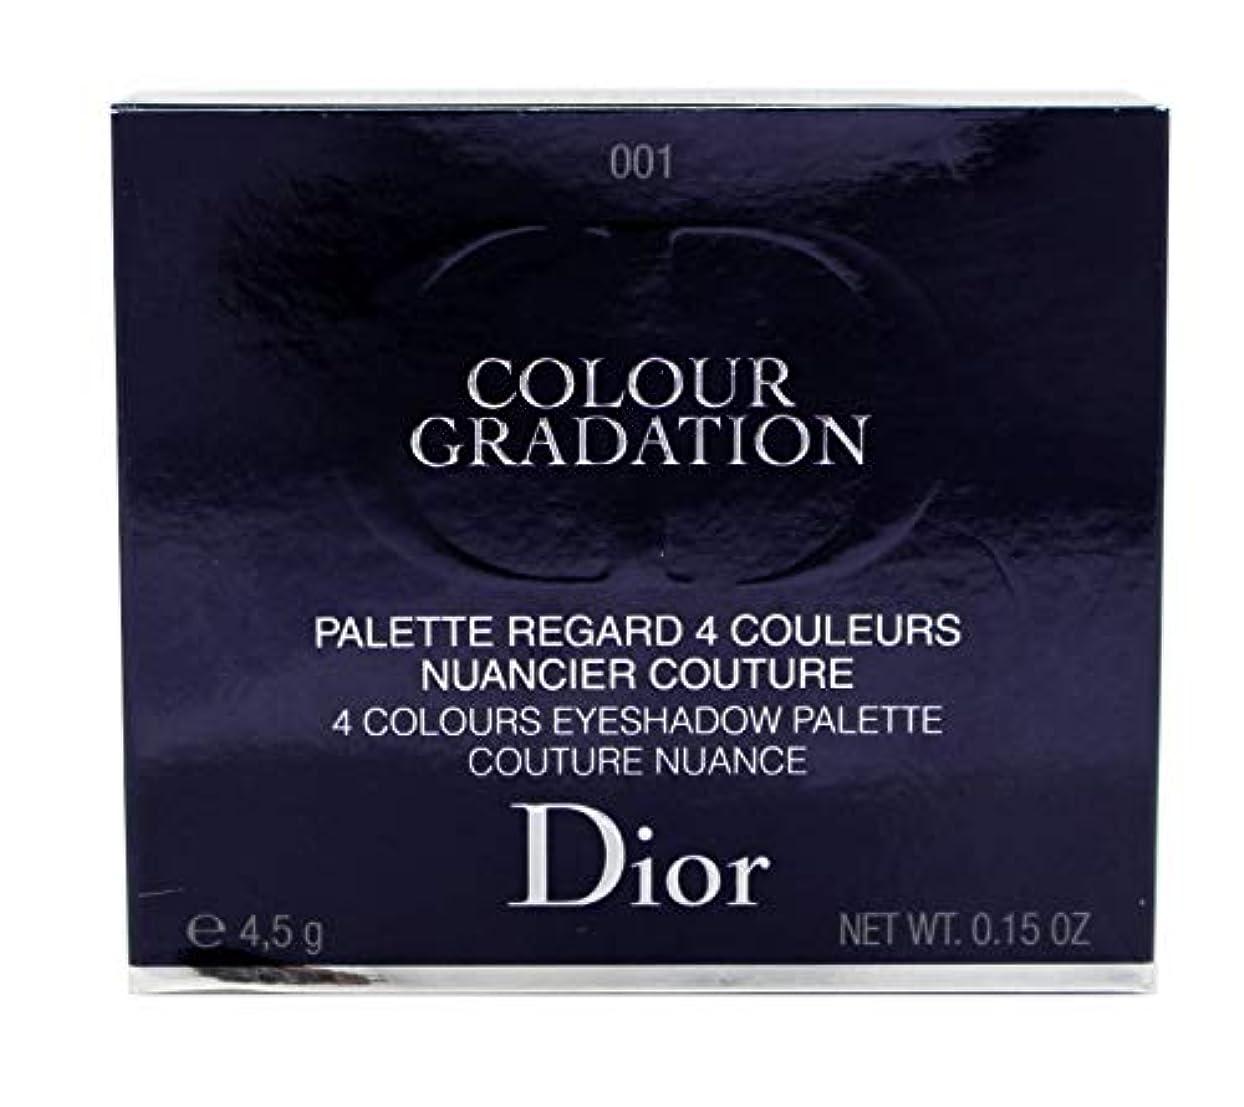 バスルーム舗装成熟クリスチャンディオール カラー グラデーション パレット【#001】 #ブルー グラデーション 4.5g【限定】